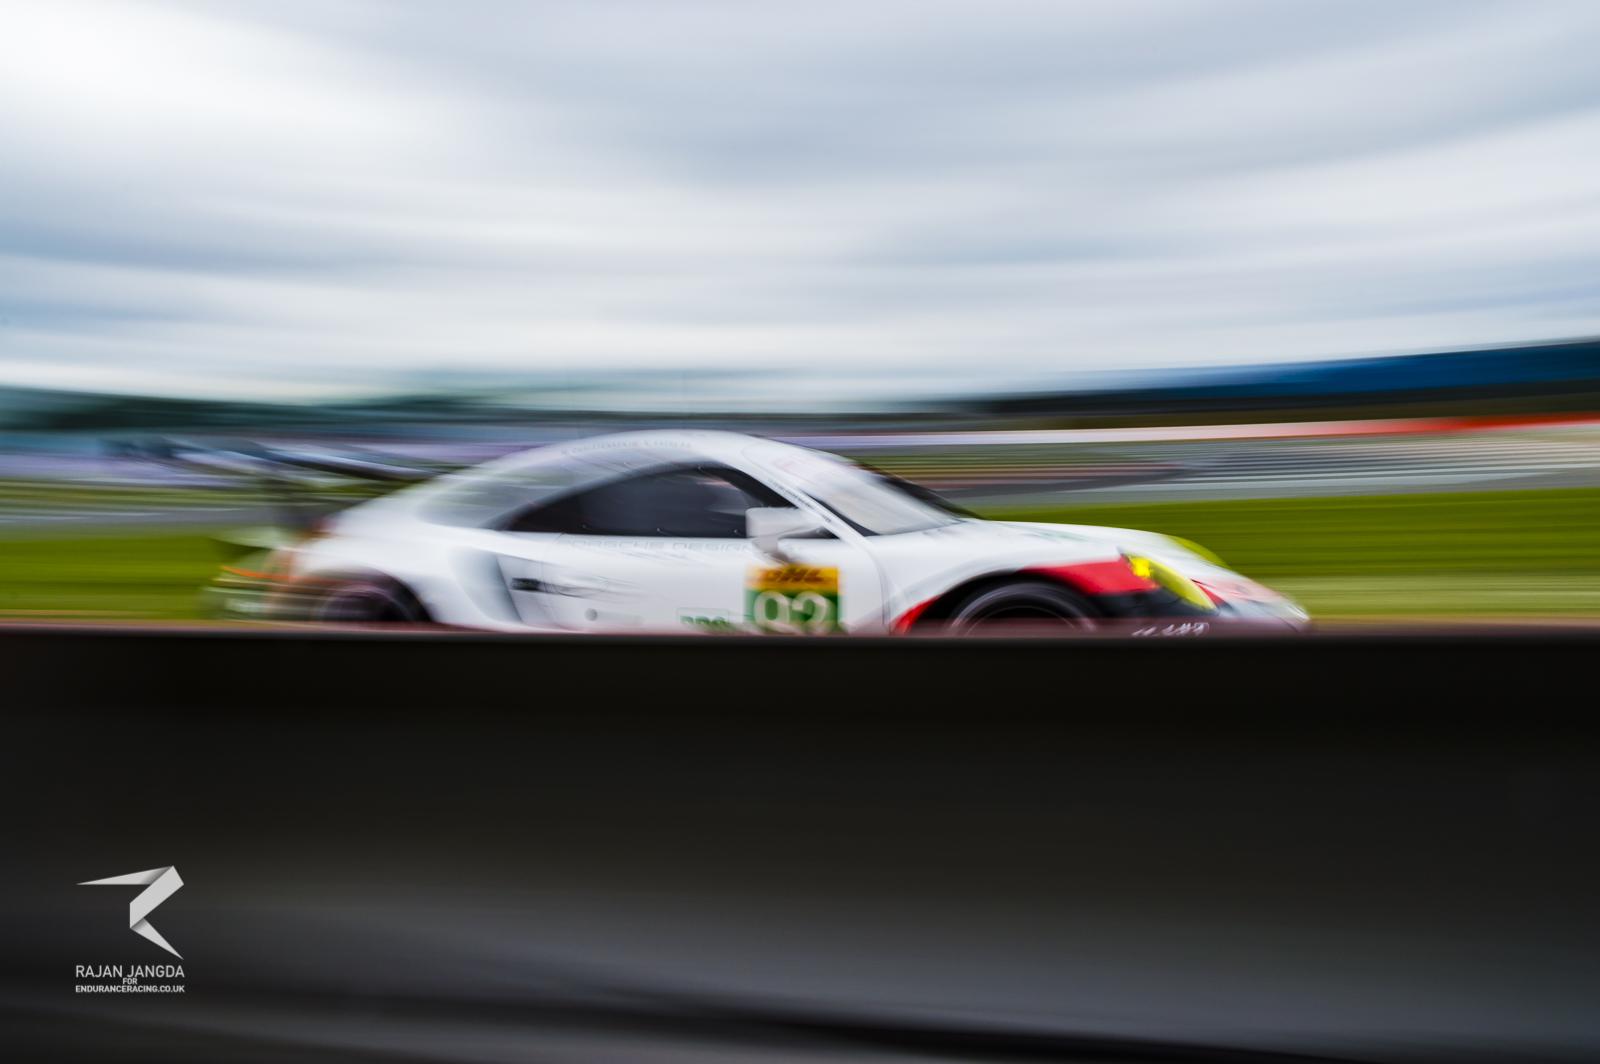 The #92 Porsche attacking the white line